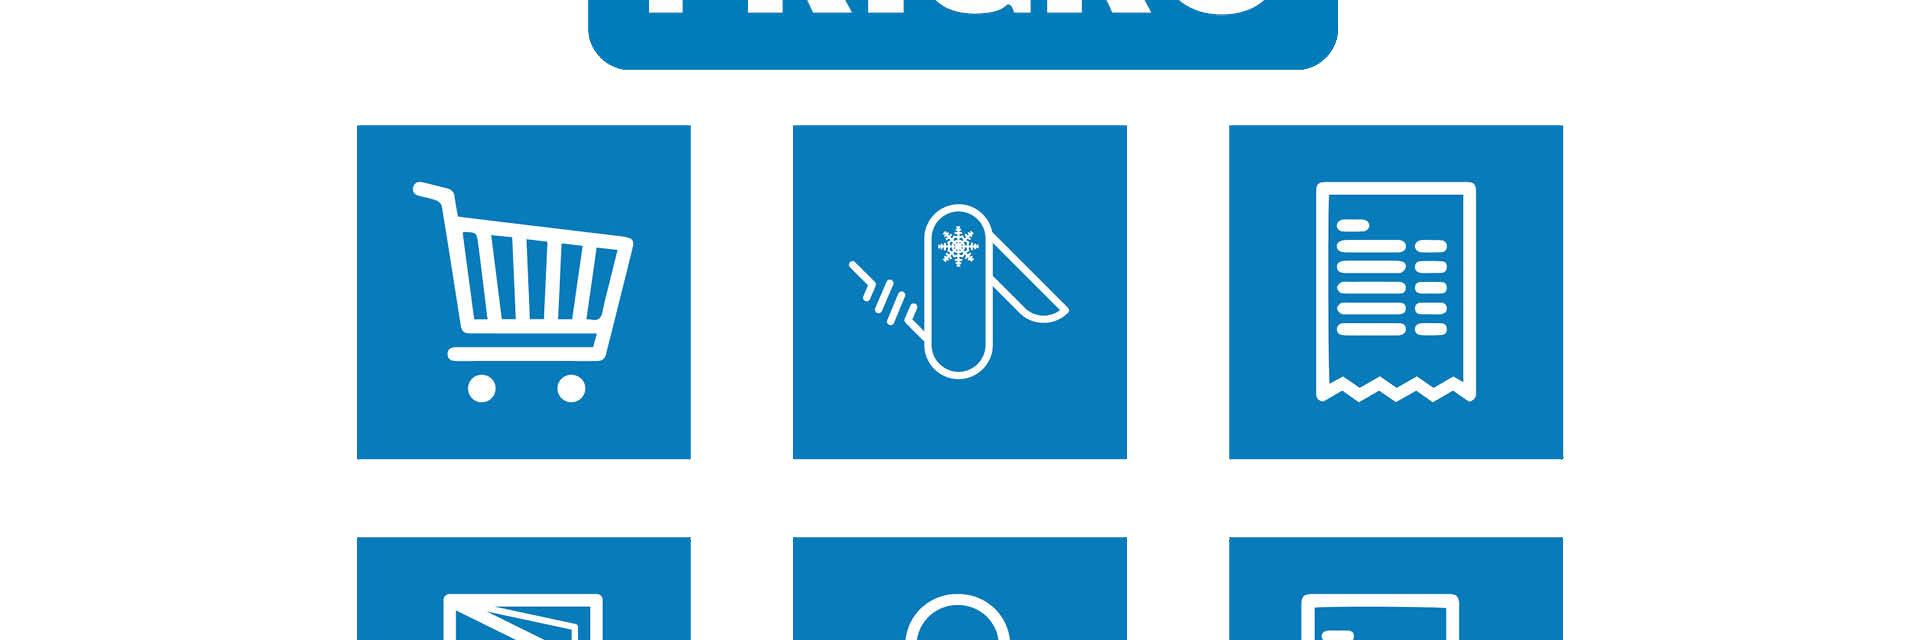 Myfrigro Persoonlijk Dashboard